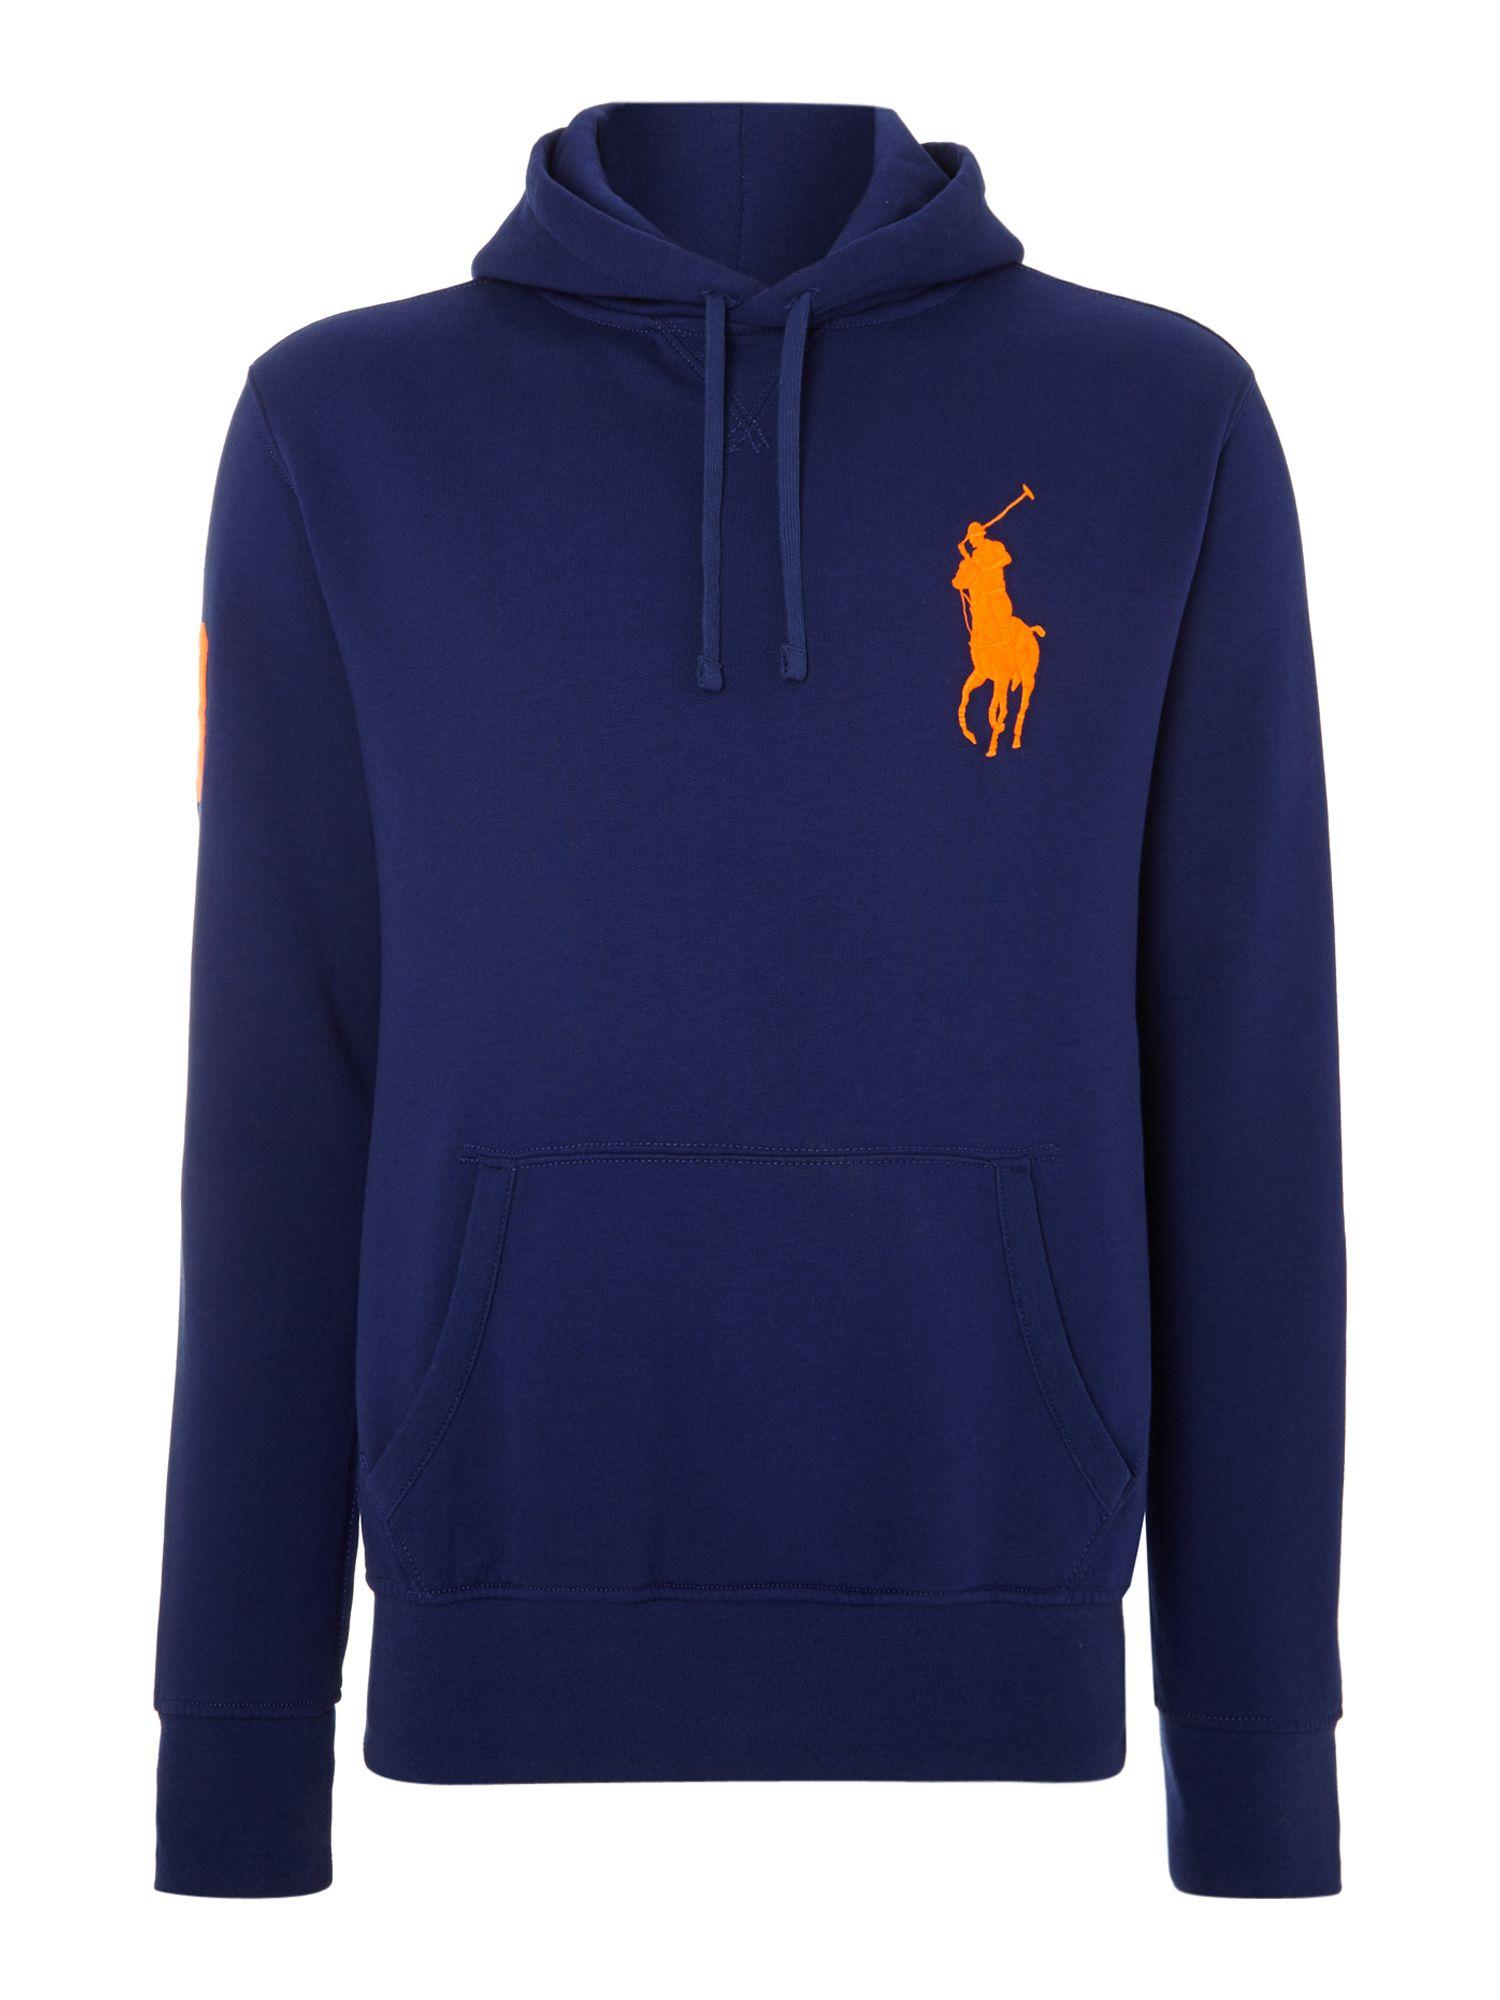 Polo ralph lauren Big Pony Player Fleece Hooded Sweatshirt in Blue for Men | Lyst